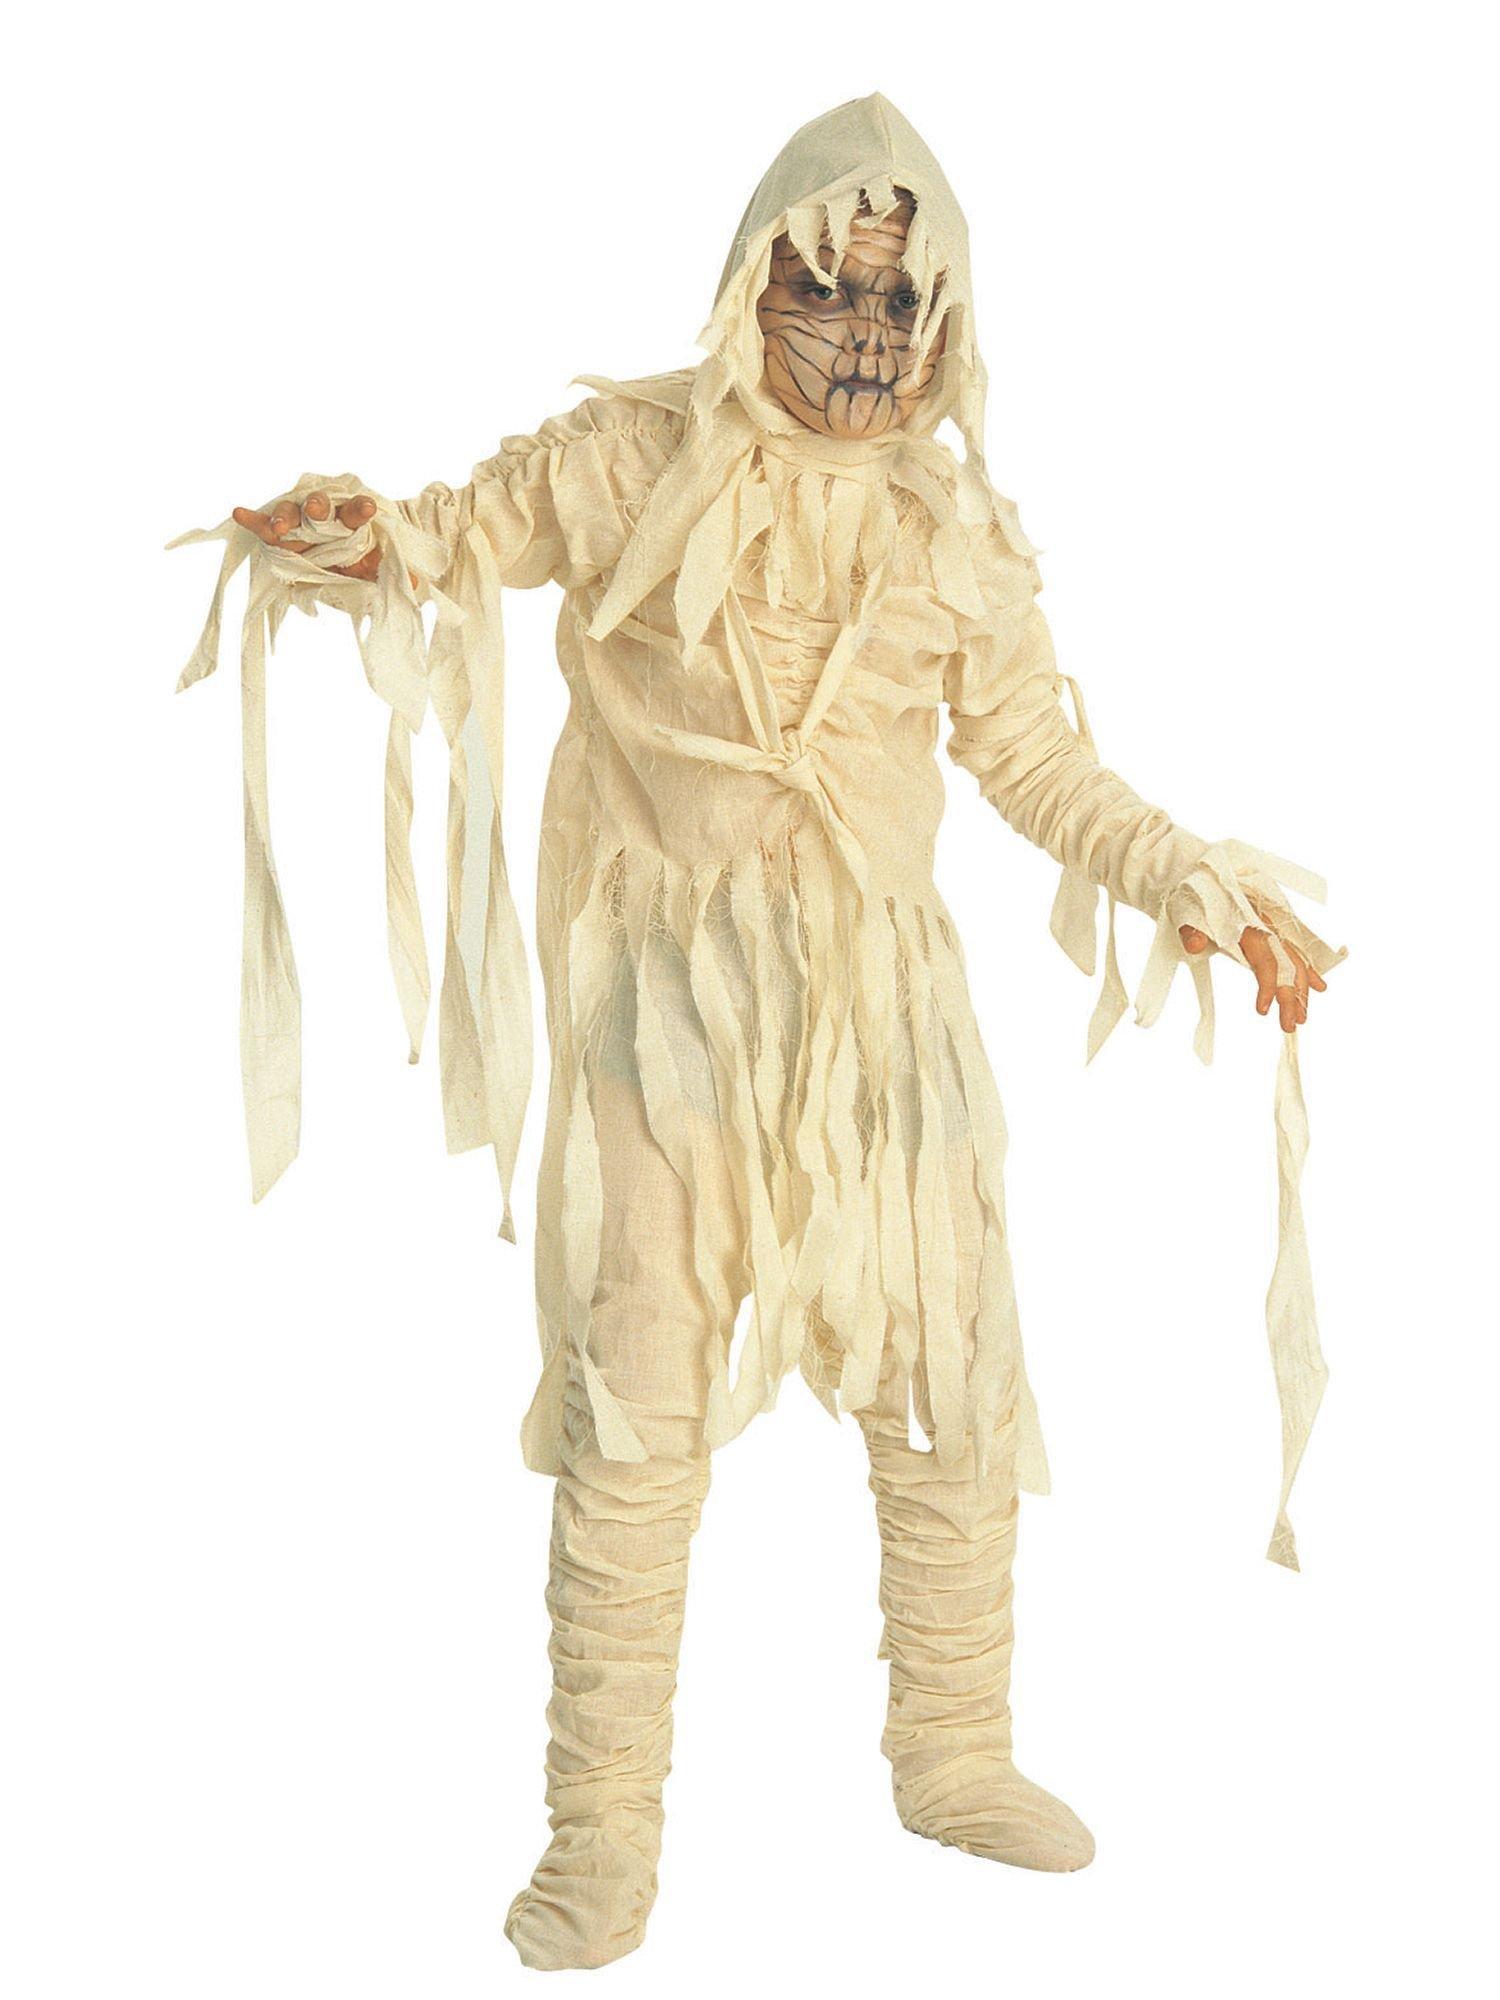 Disfraz de Momia Universal Studios Monsters para niño - 3-4 años ...